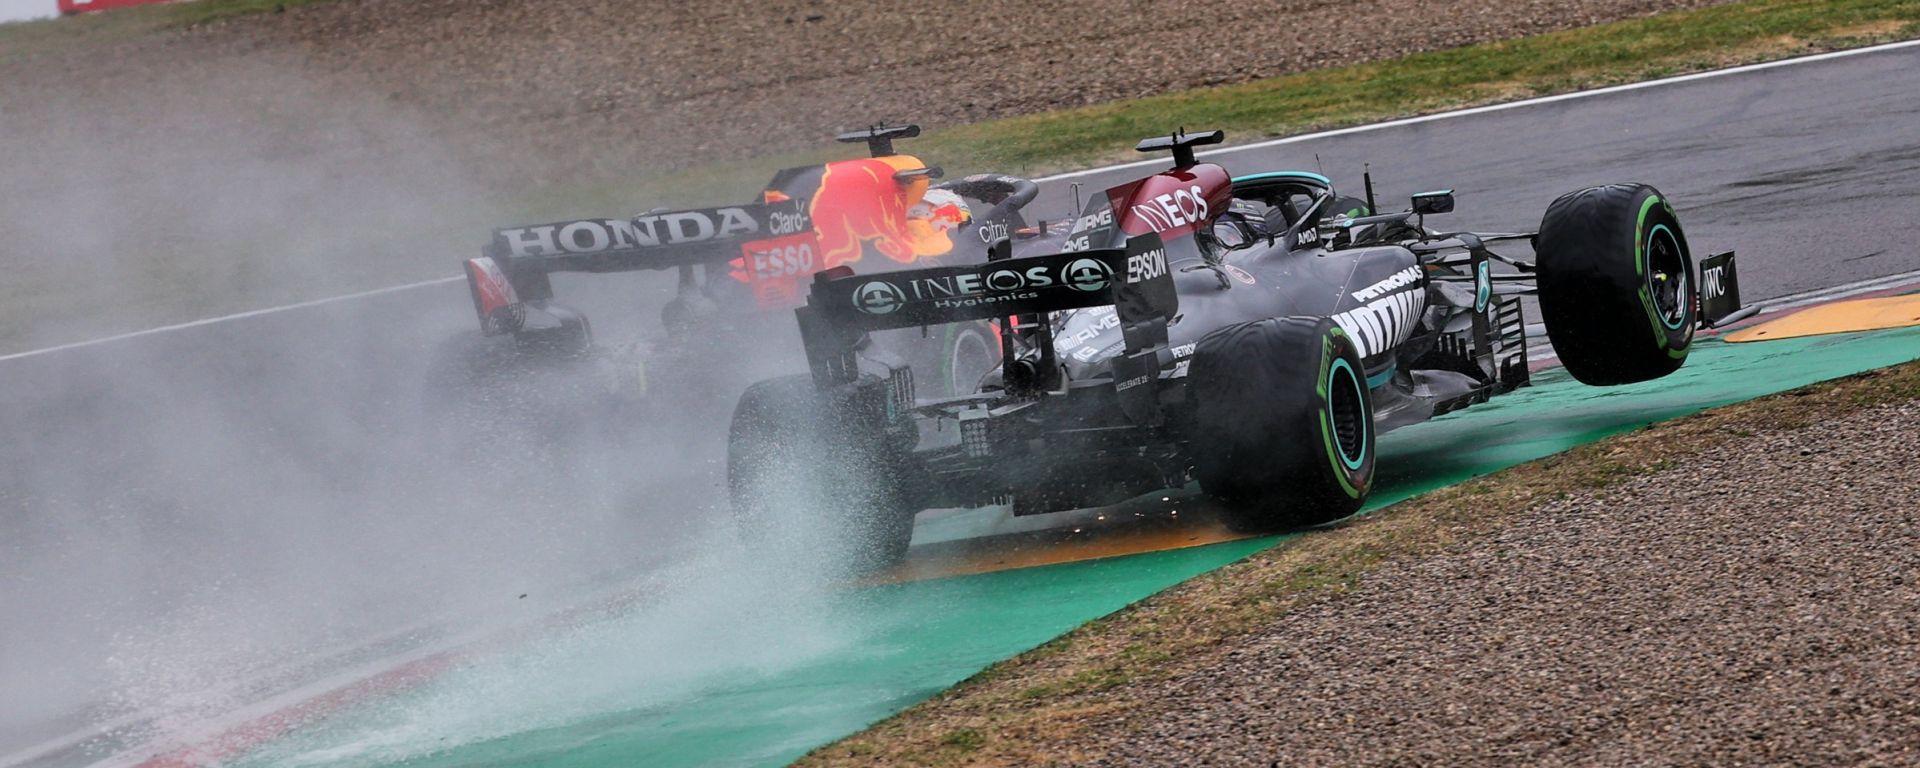 F1, GP Emilia Romagna 2021: il duello tra Max Verstappen e Lewis Hamilton